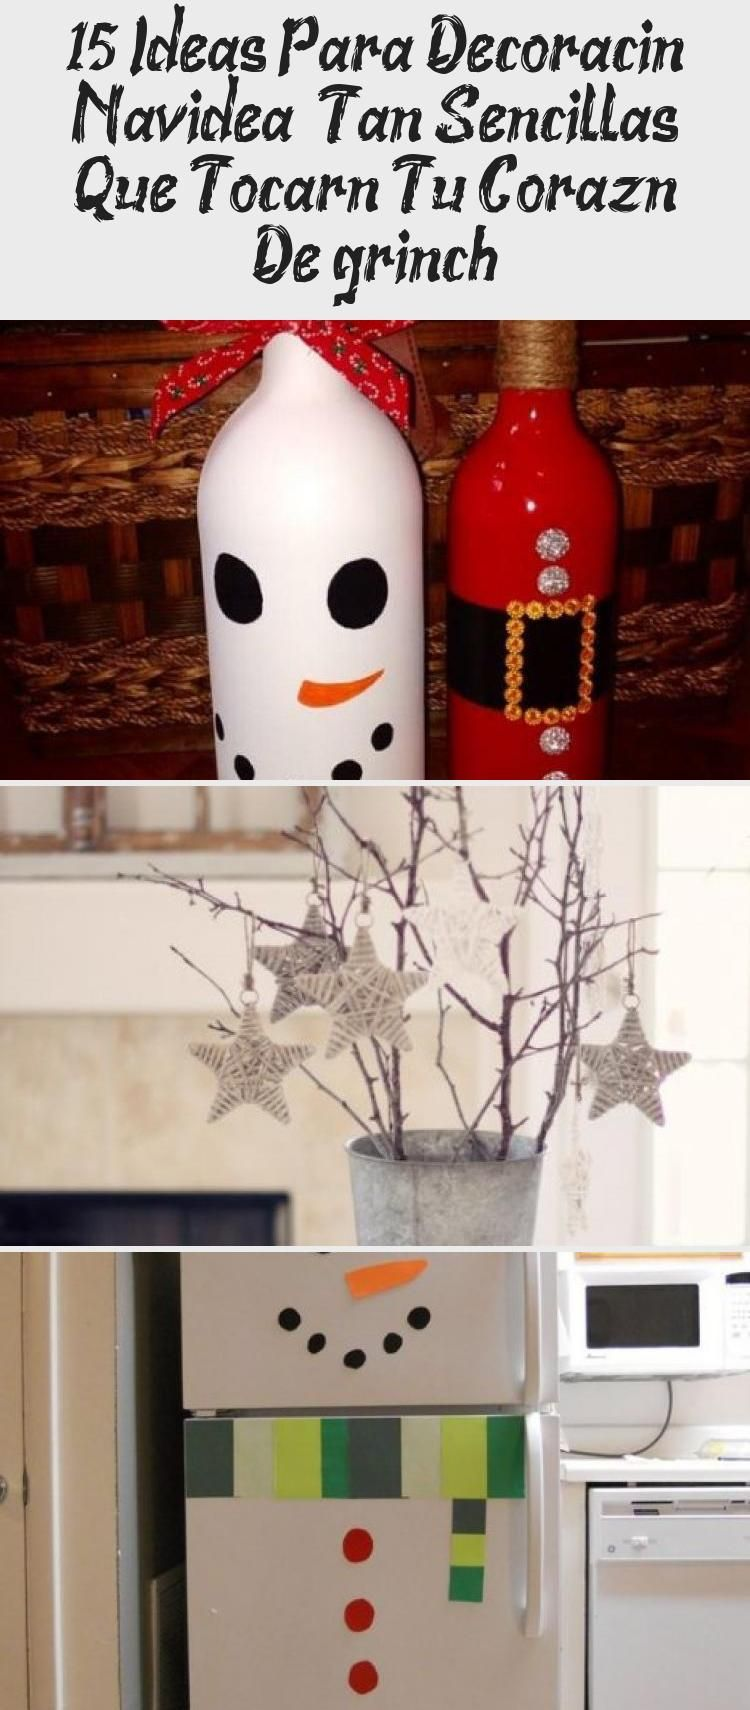 Navidad es la época ideal para demostrar tu creatividad, decorando tu hogar con manualidades fáciles hechas con materiales reciclados. Para lograr hacerlas no se requiere de grandes cantidades de dinero, solo de disposición y un poco de tiempo.  Siguiendo estas ideas puedes crear adornos bonitos, sencillos y prácticos para colocarlos en las puertas, el árbol o en la mesa #HomeDecorDIYVideosProjects #HomeDecorDIYVideosLivingRoom #HomeDecorDIYVideosIdeas #HomeDecorDIYVideosBedroom #HomeDecorDIYVid